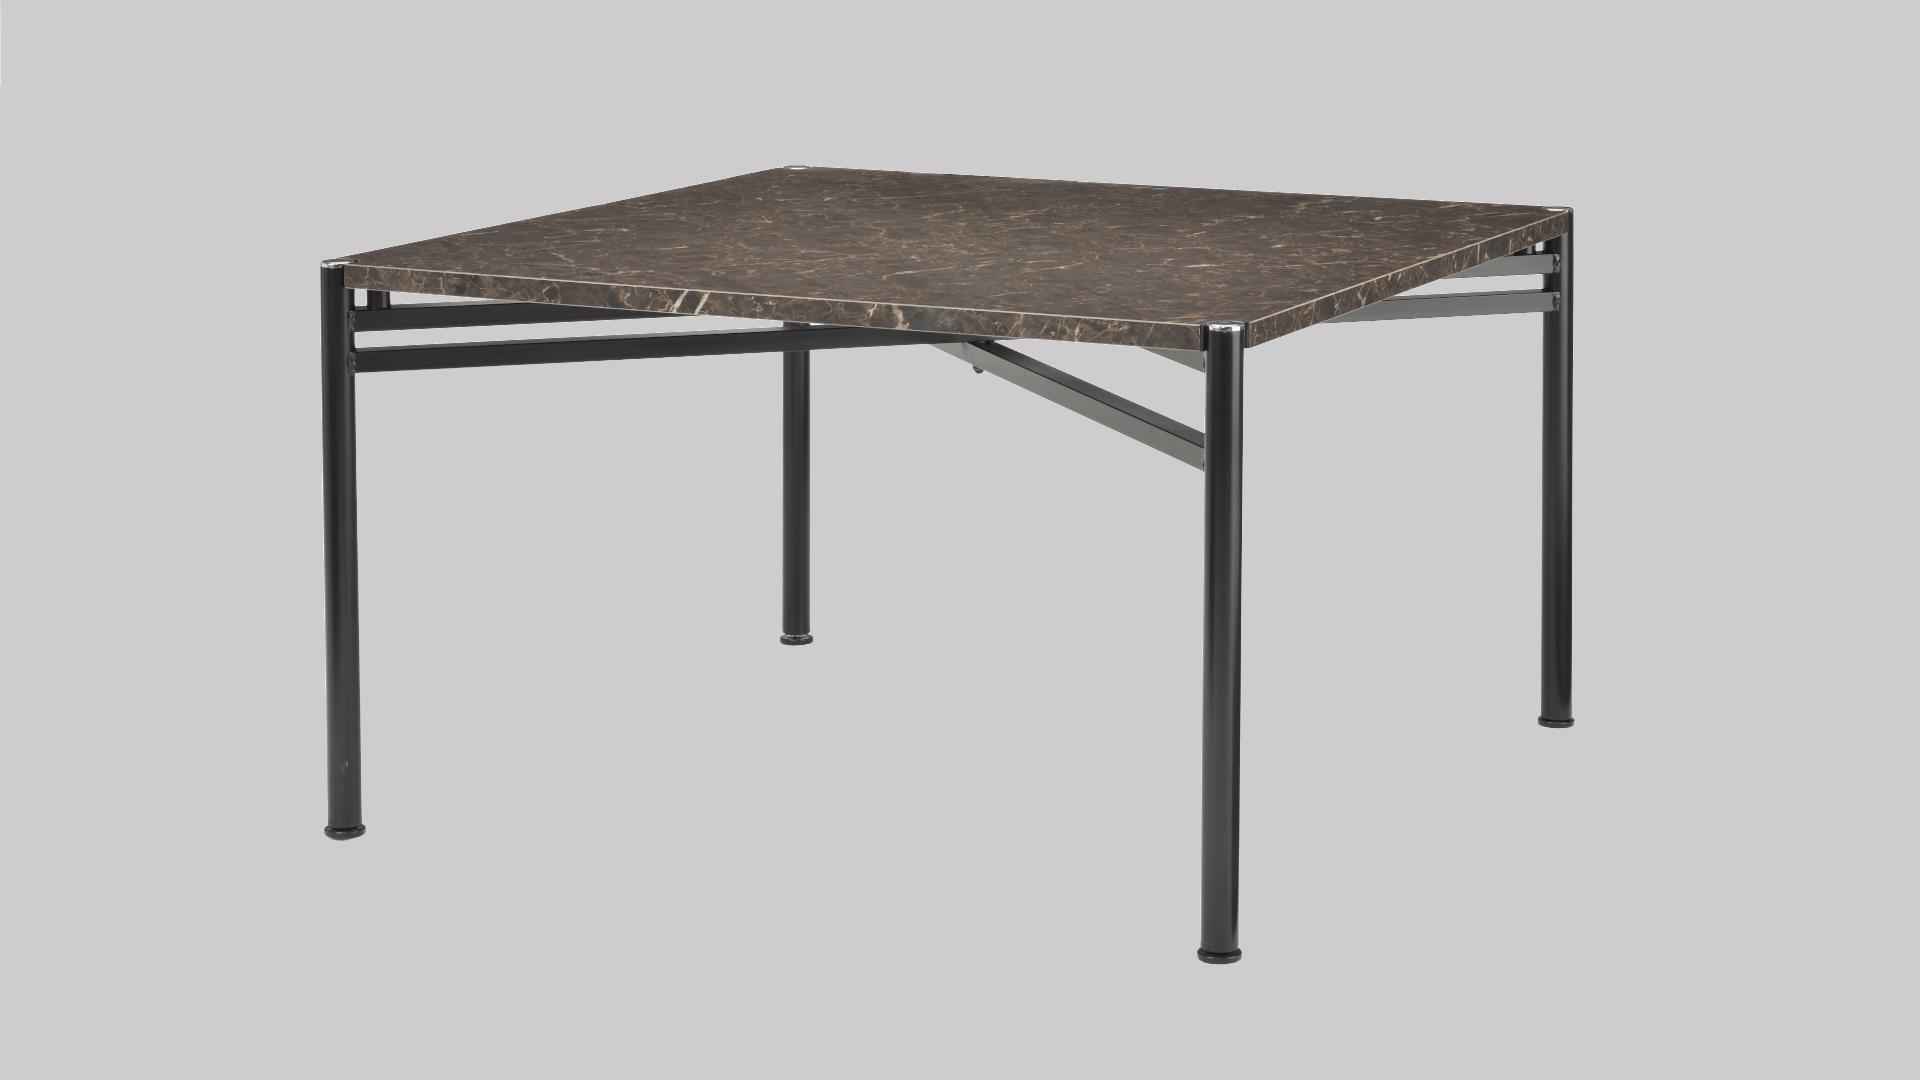 スプレッドテーブル04 イメージ